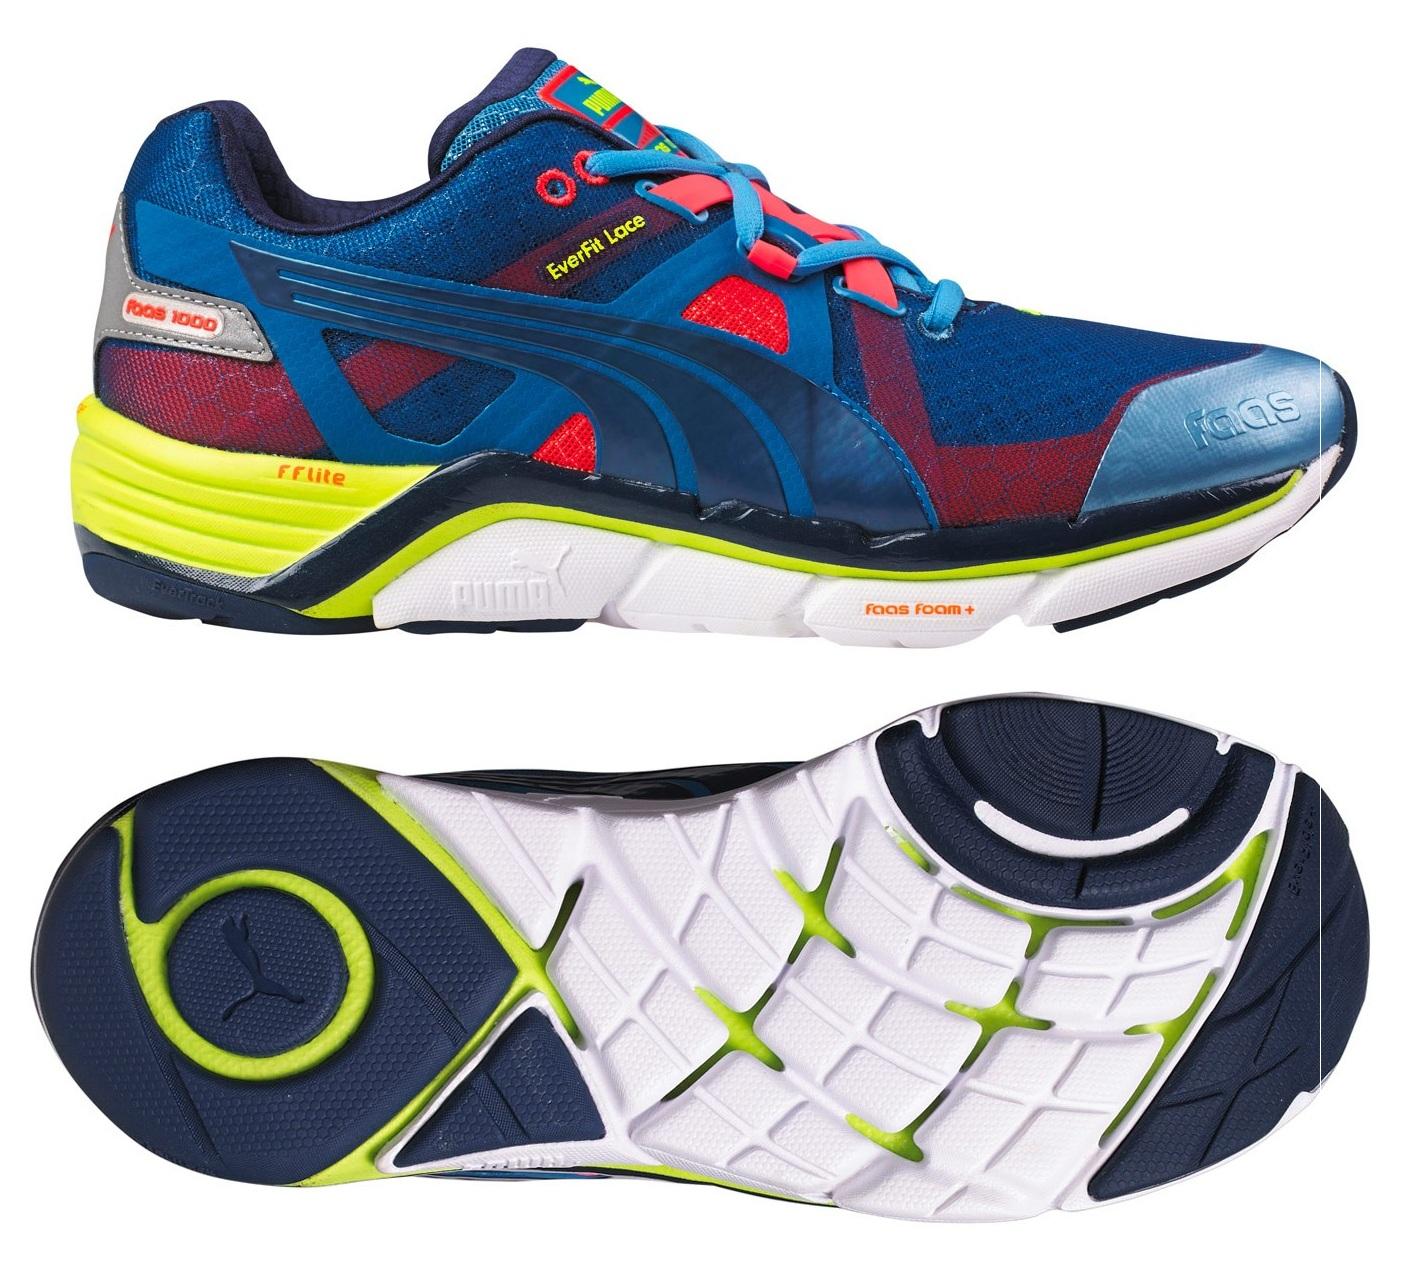 tenis puma 2015 para correr